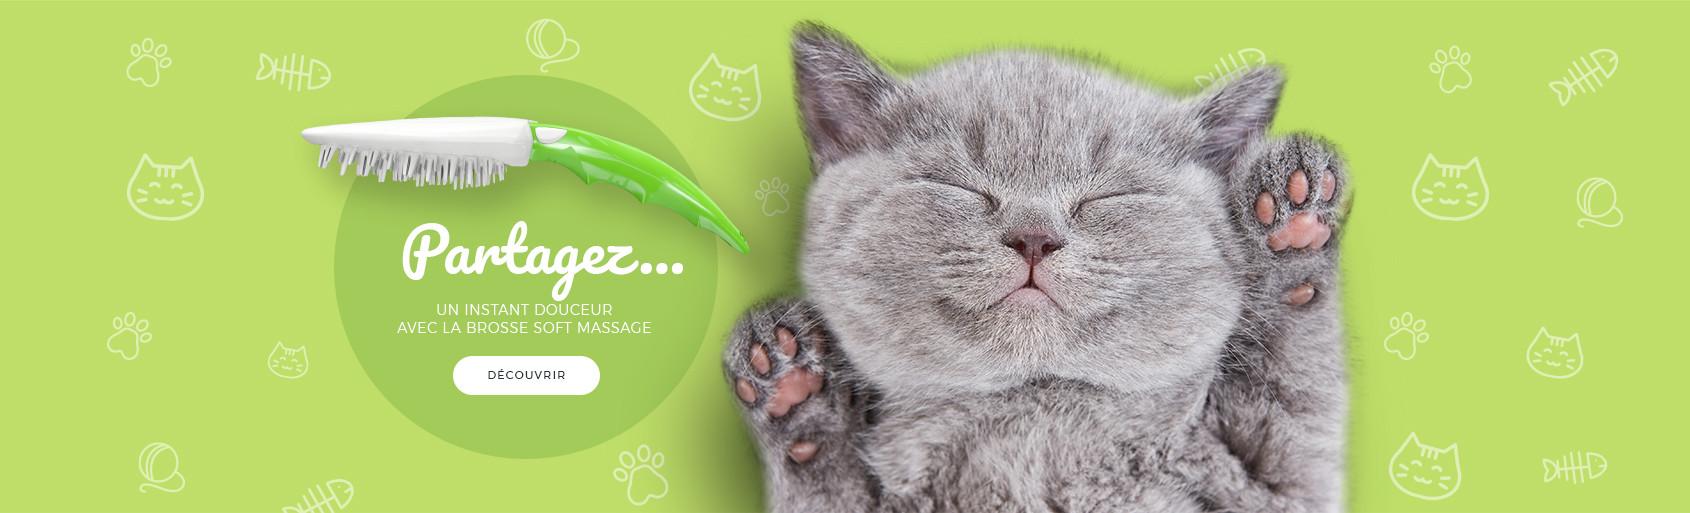 Partagez un instant douceur avec la brosse soft massage